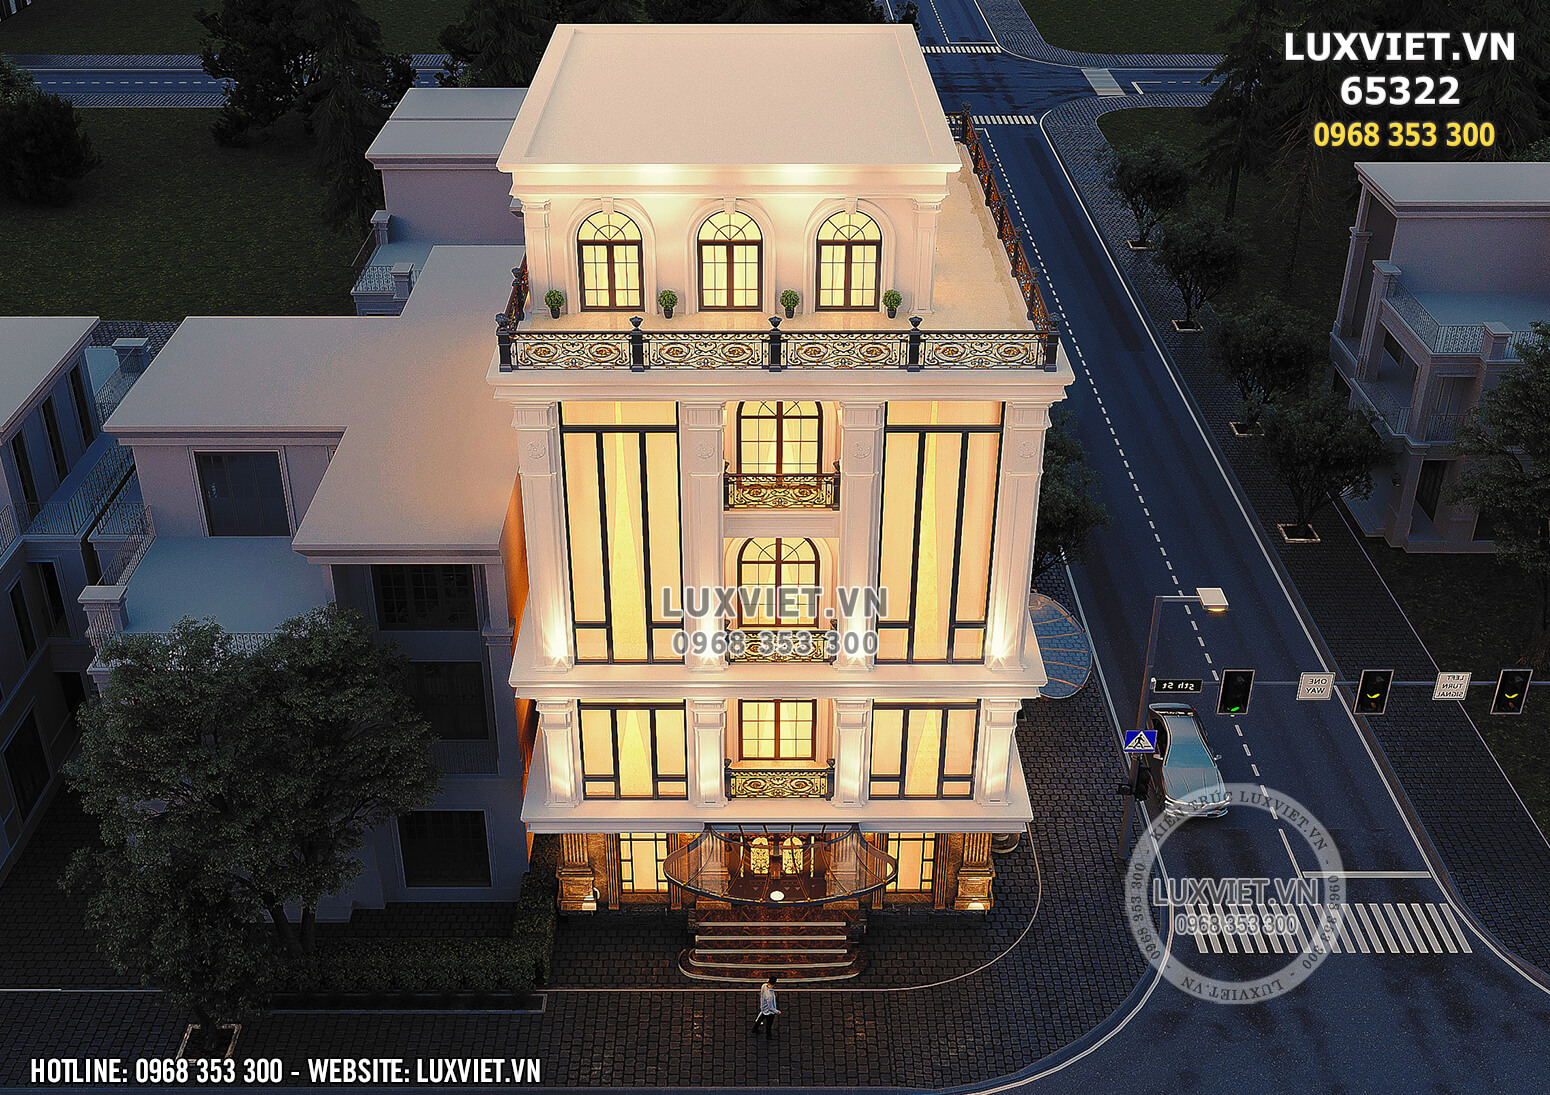 Hình ảnh: Toàn cảnh mẫu thiết kế tòa nhà 5 tầng 2 mặt tiền nổi bật - Lv 65322